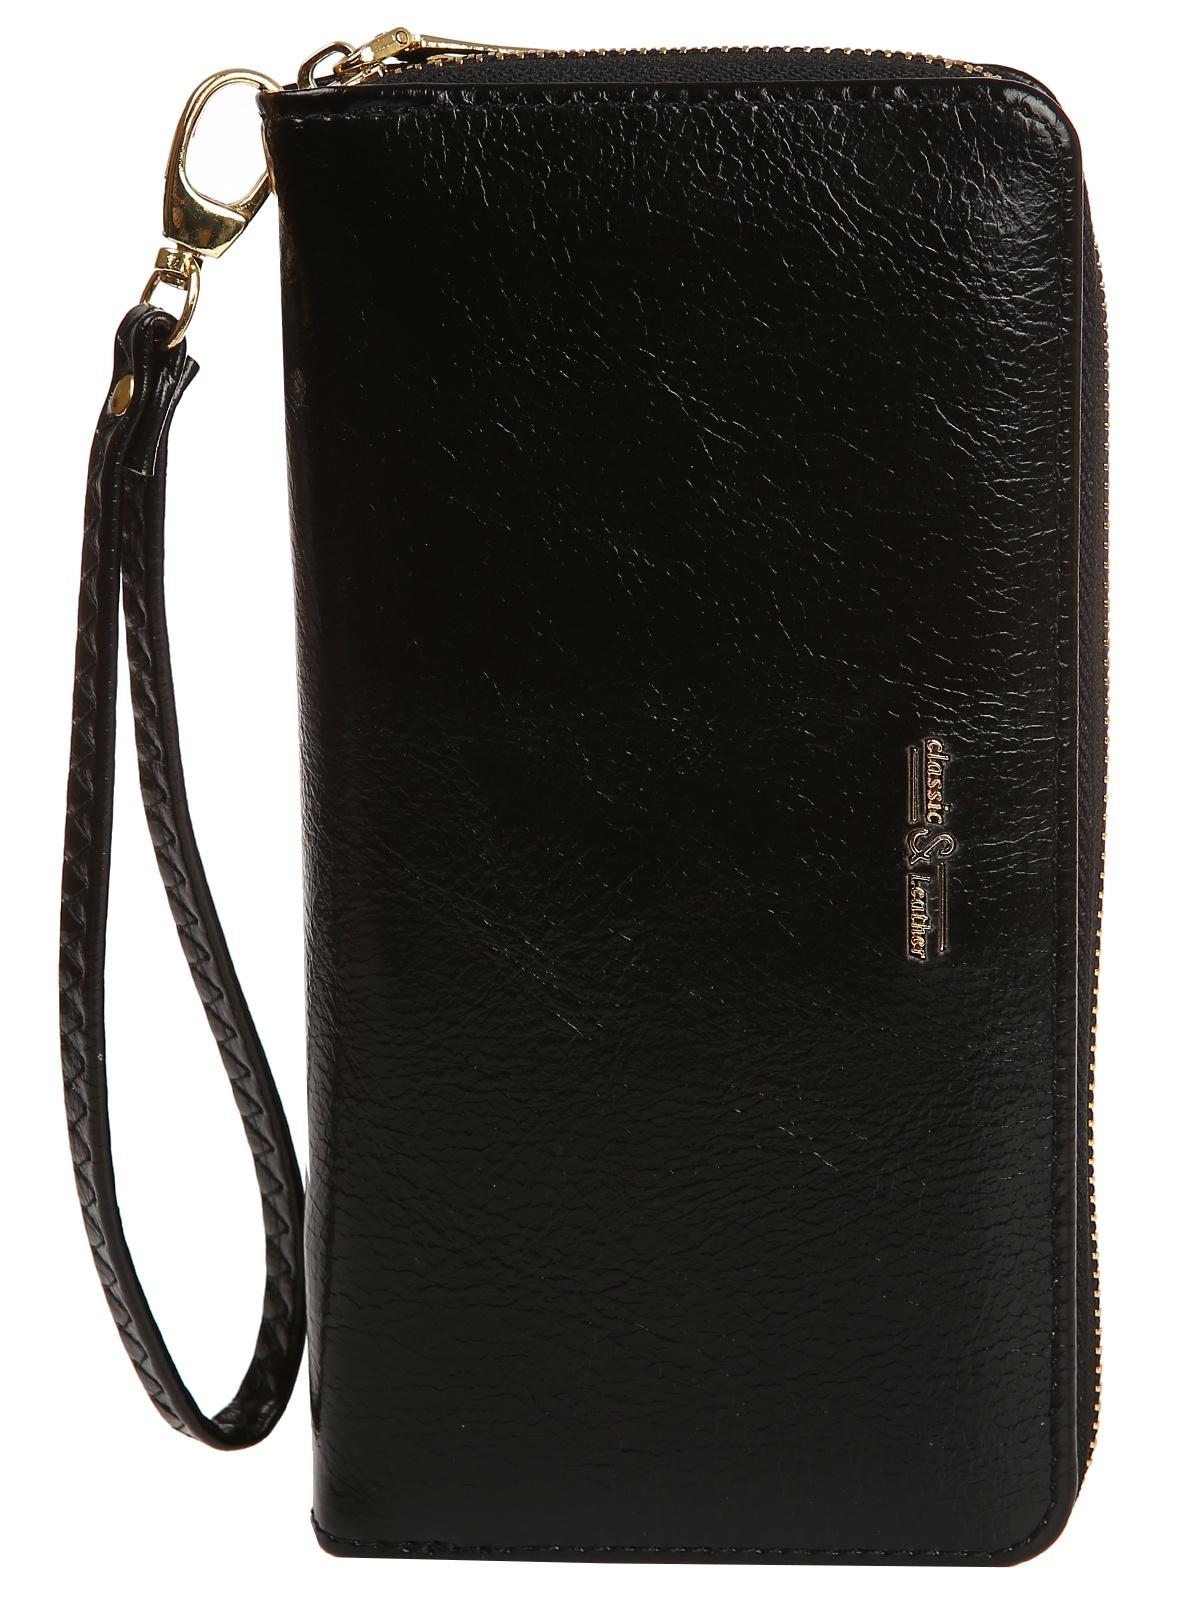 Кошелек LUMINORA LAB Classic, черный mexican модный классический длинный мужской кошелёк бычьей кожи барсетка